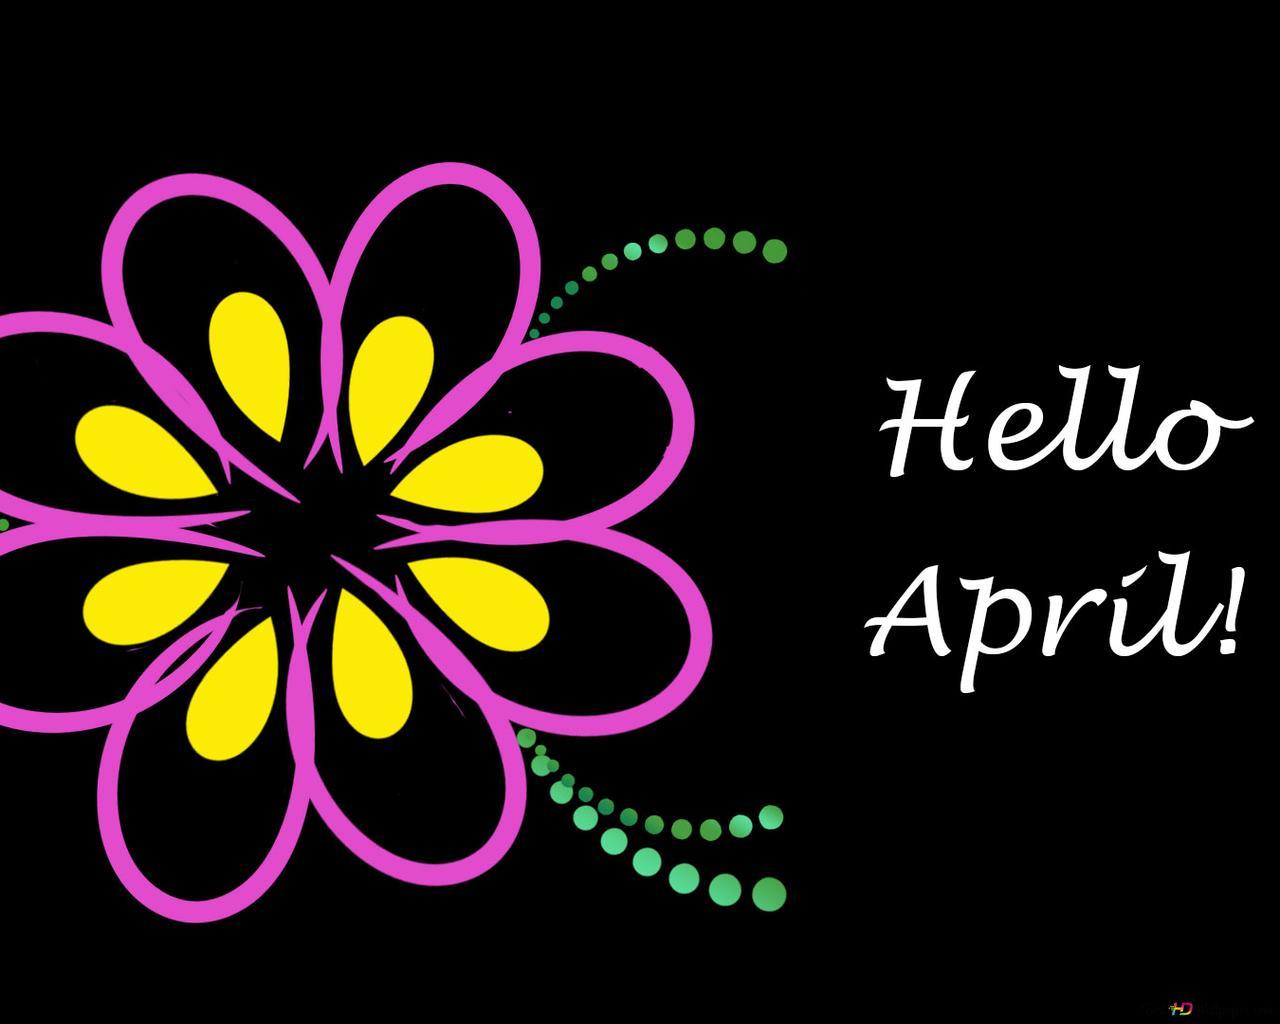 Hello April Hd Wallpaper Download